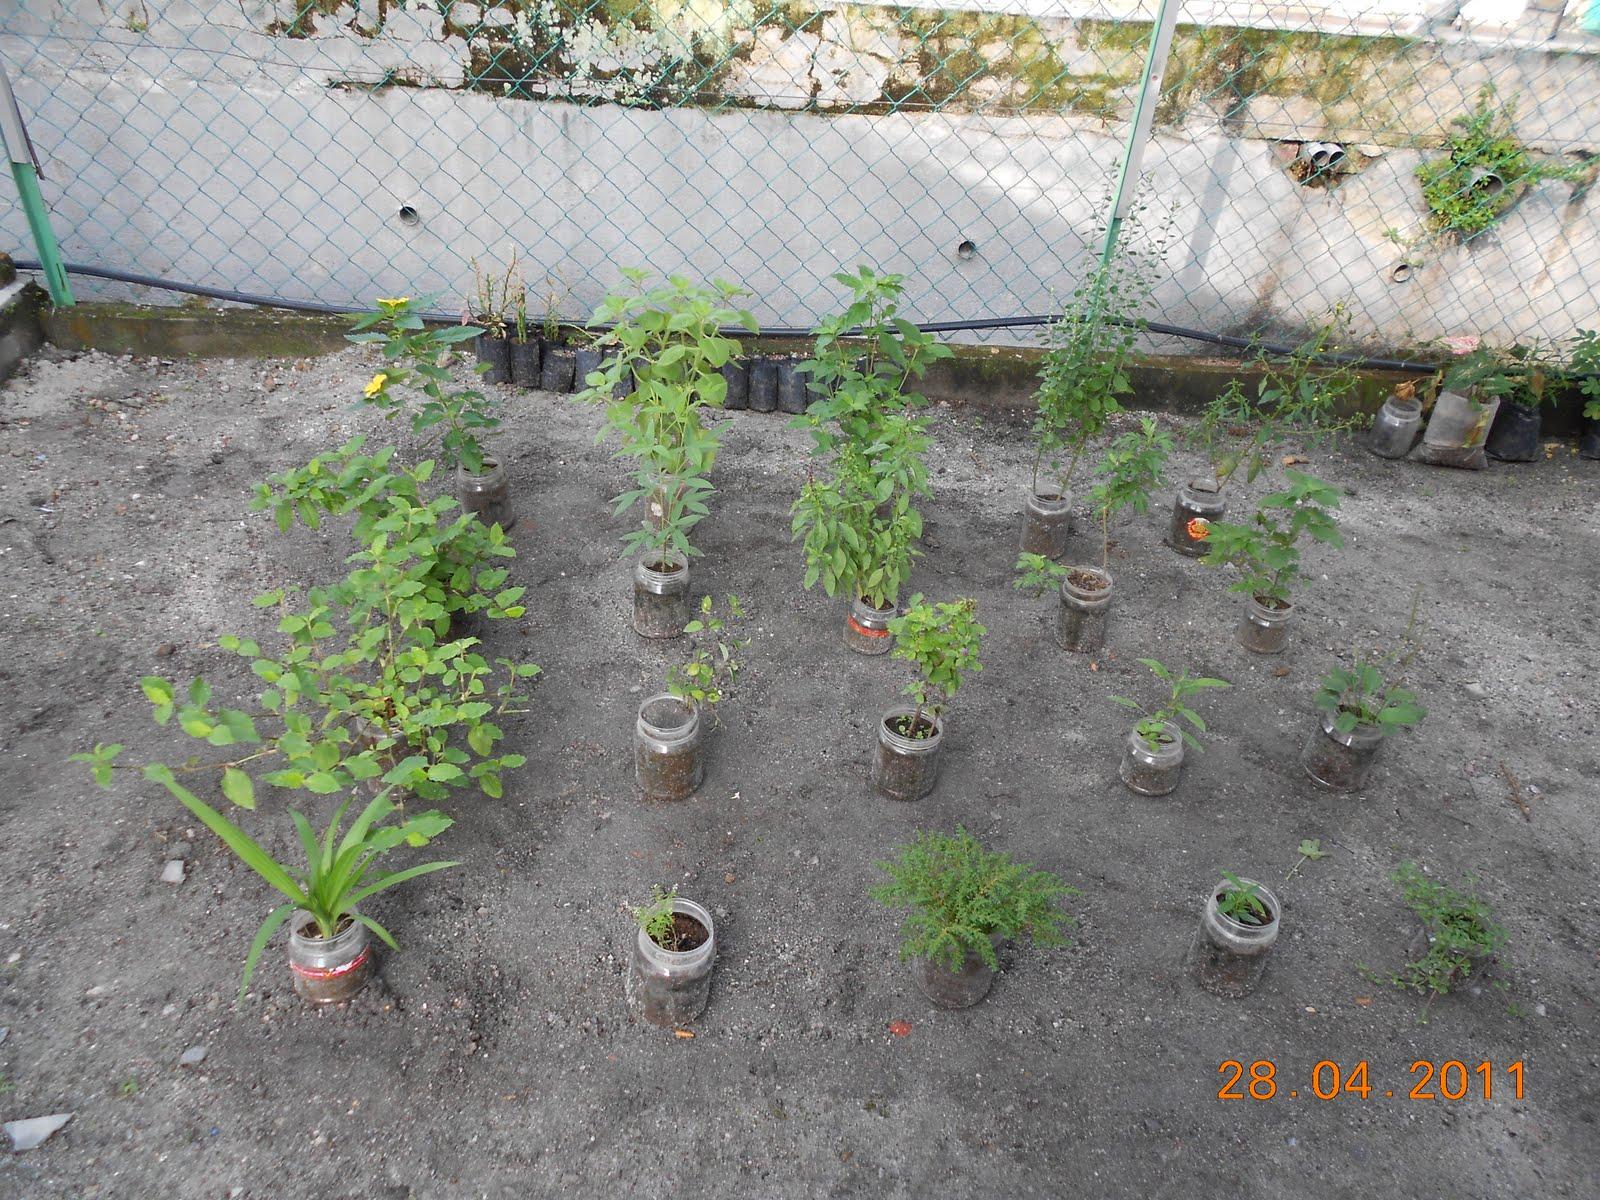 Taman Herba: Taman Herba